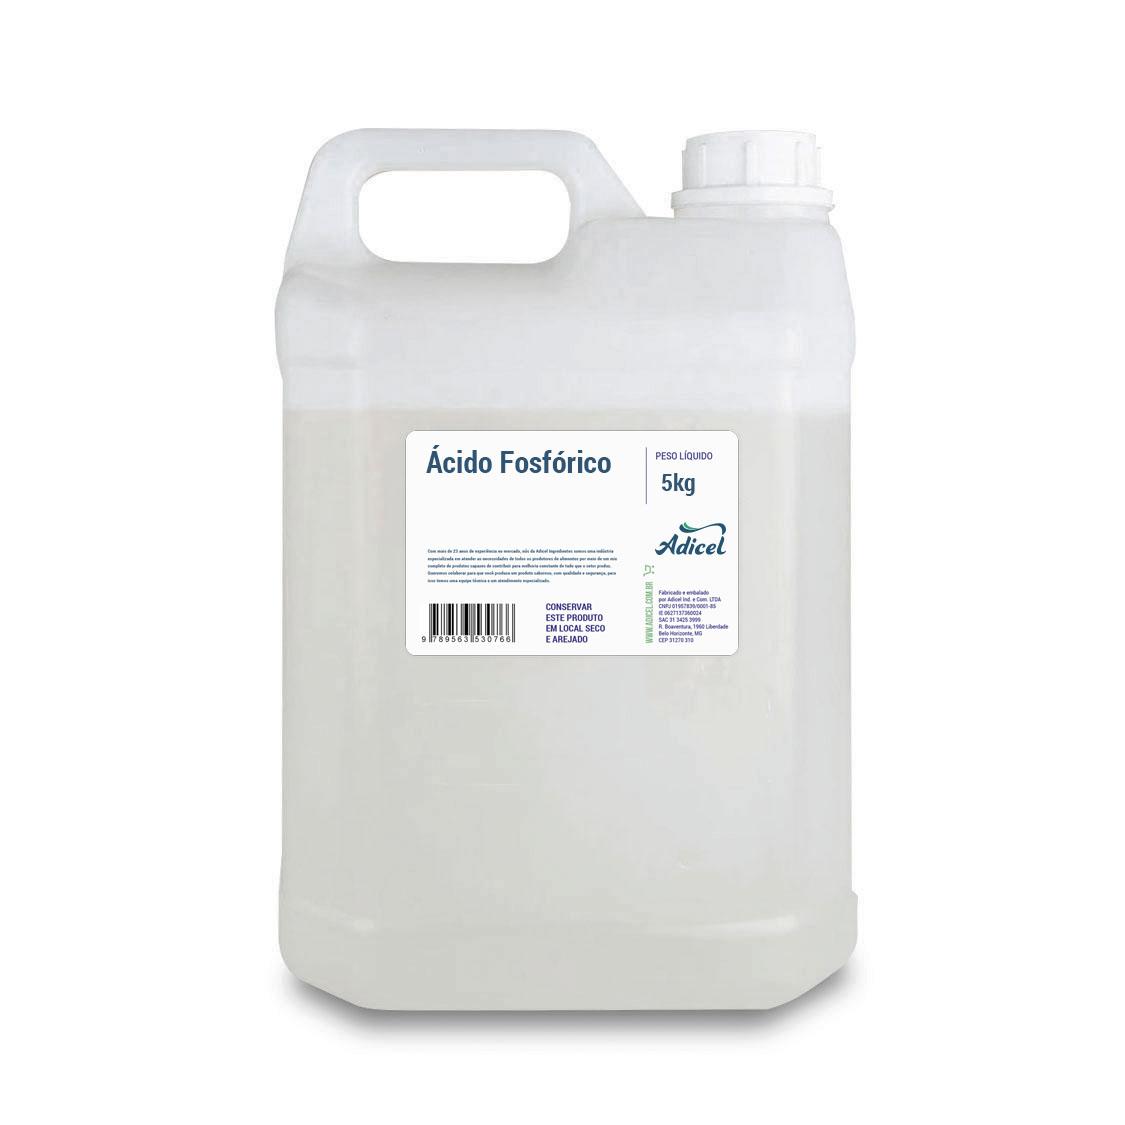 Acido Fosforico - 5kg